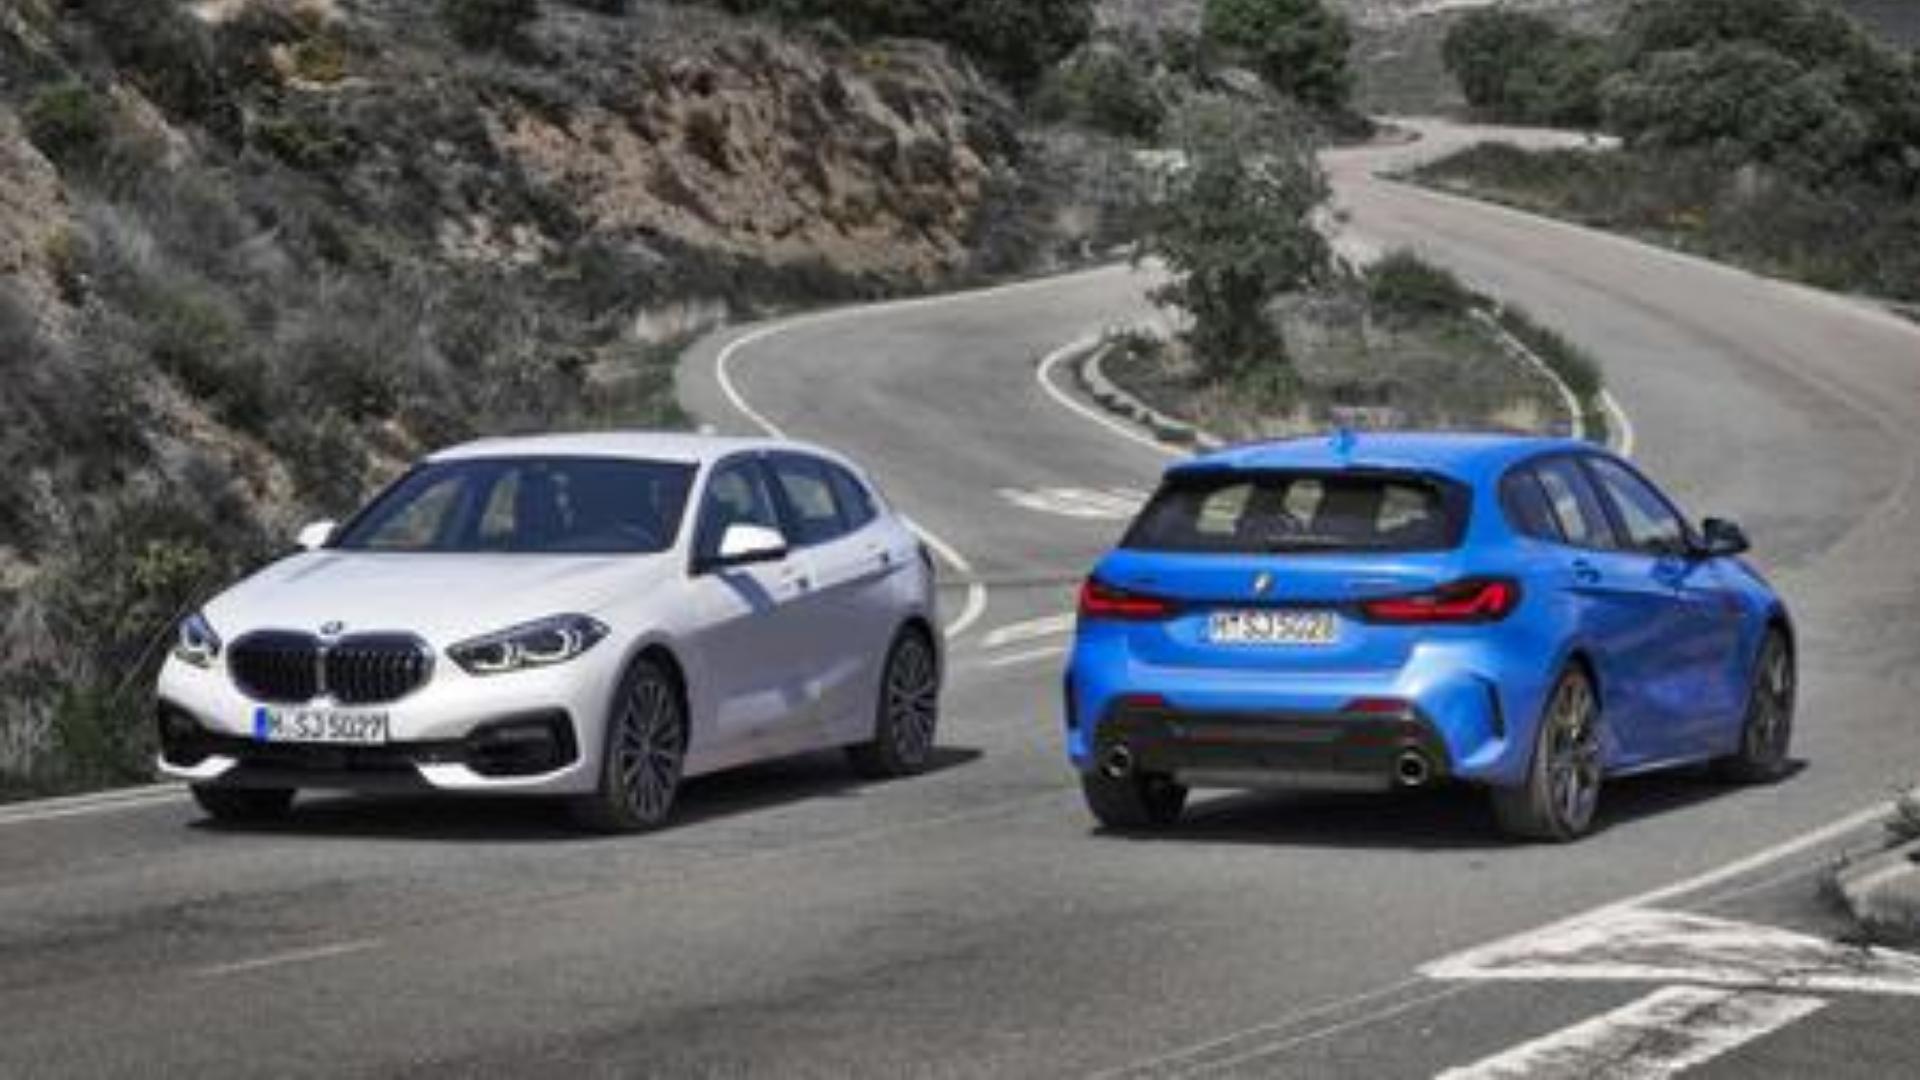 BMW Serie 1: Probamos la tercera generación del automóvil compacto alemán